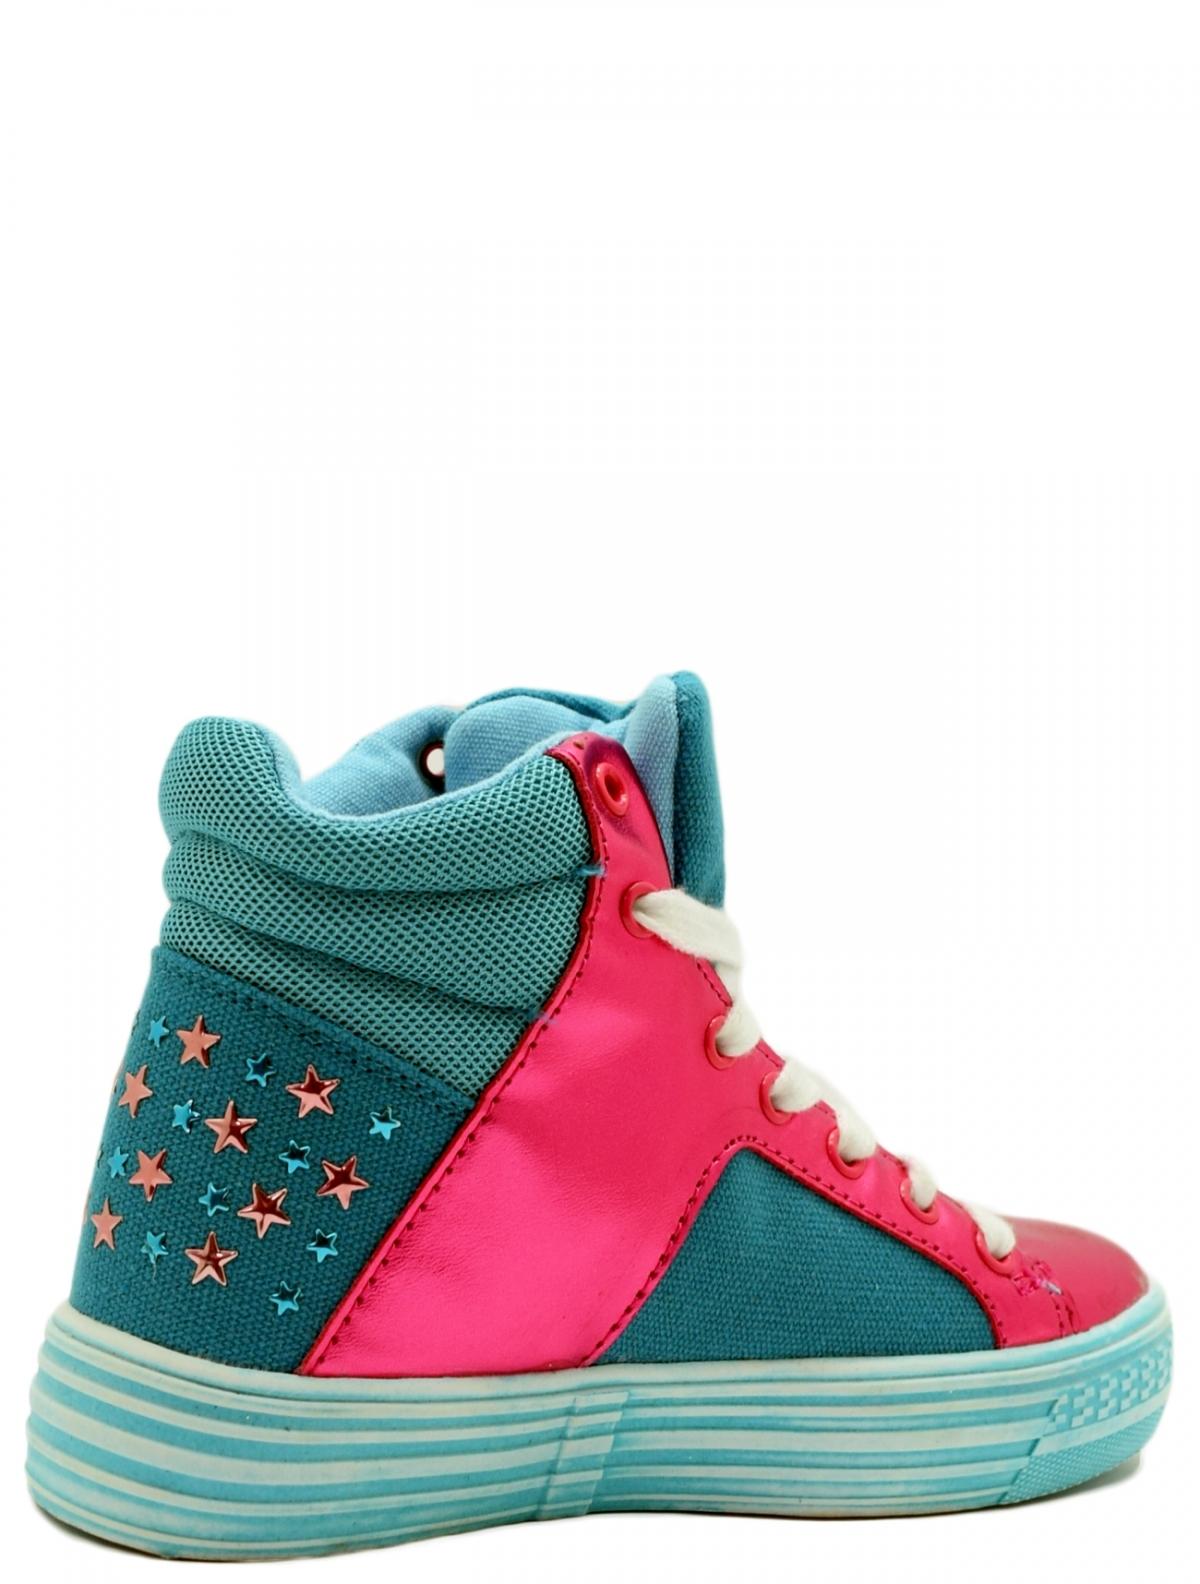 5056C кроссовки для девочки